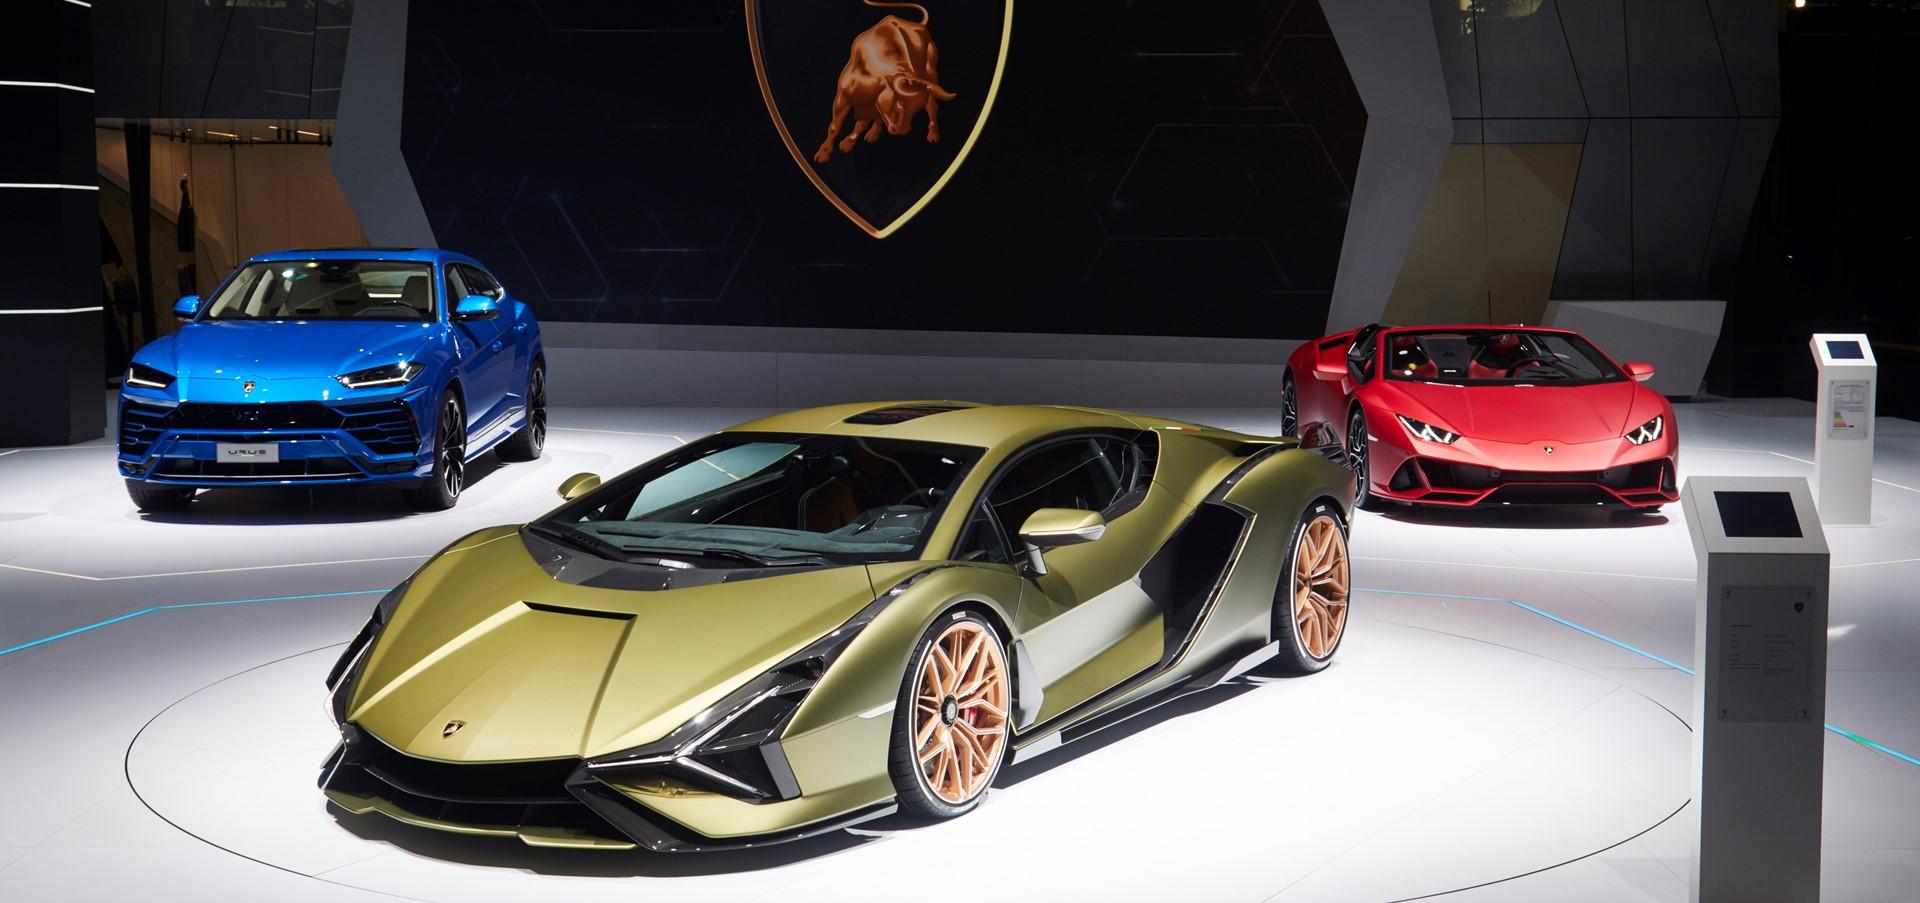 Automobili Lamborghini honors Ferdinand K. Piëch with Lambor